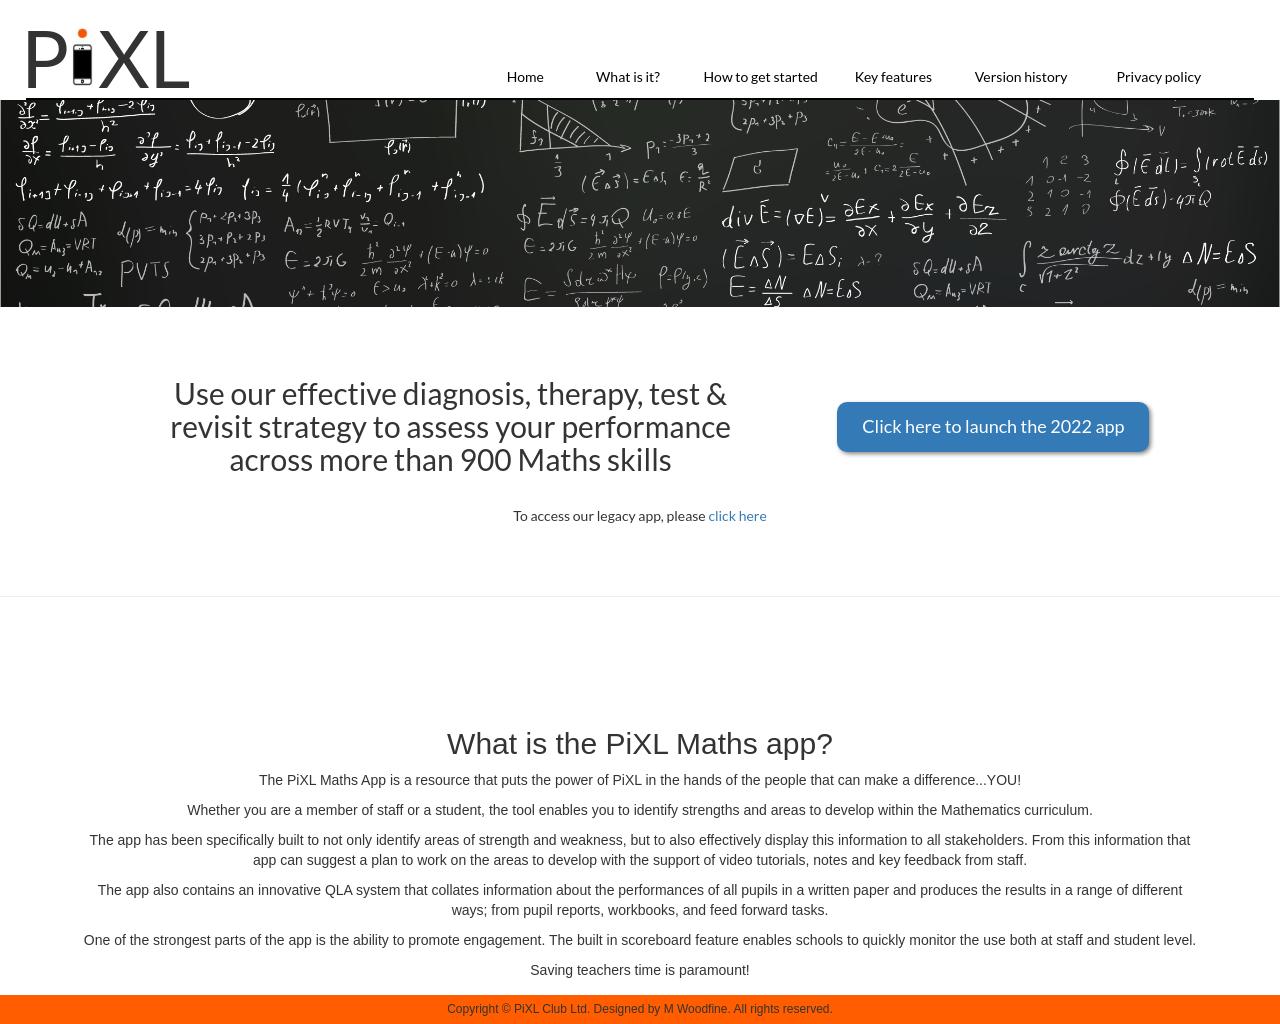 PIXL Maths App